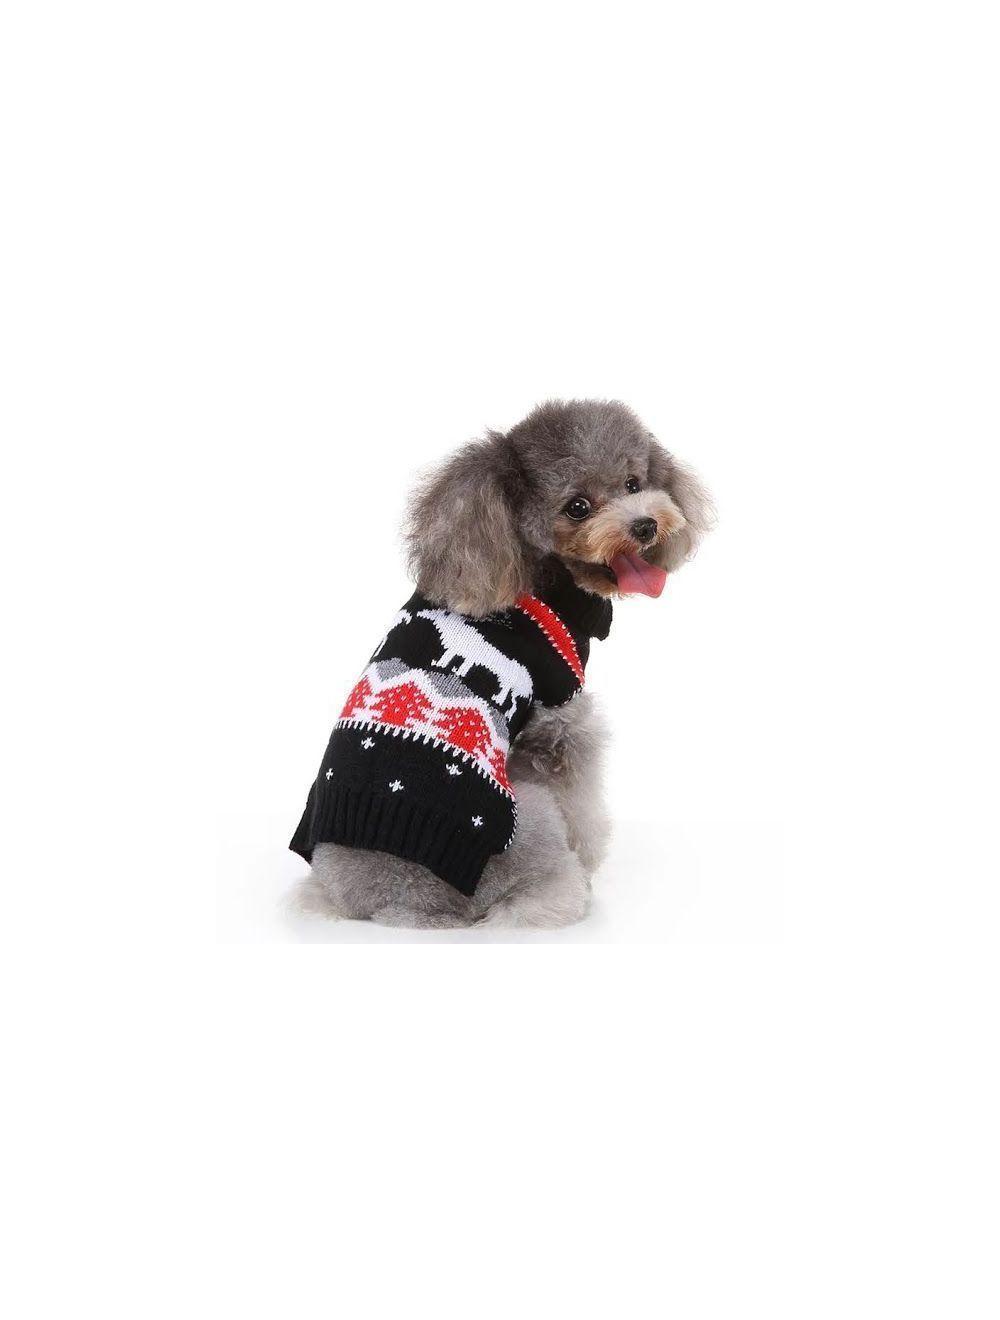 Suéter, Buzo, Saco Navideño para Perros o Gatos, Valentín For Pets Talla S